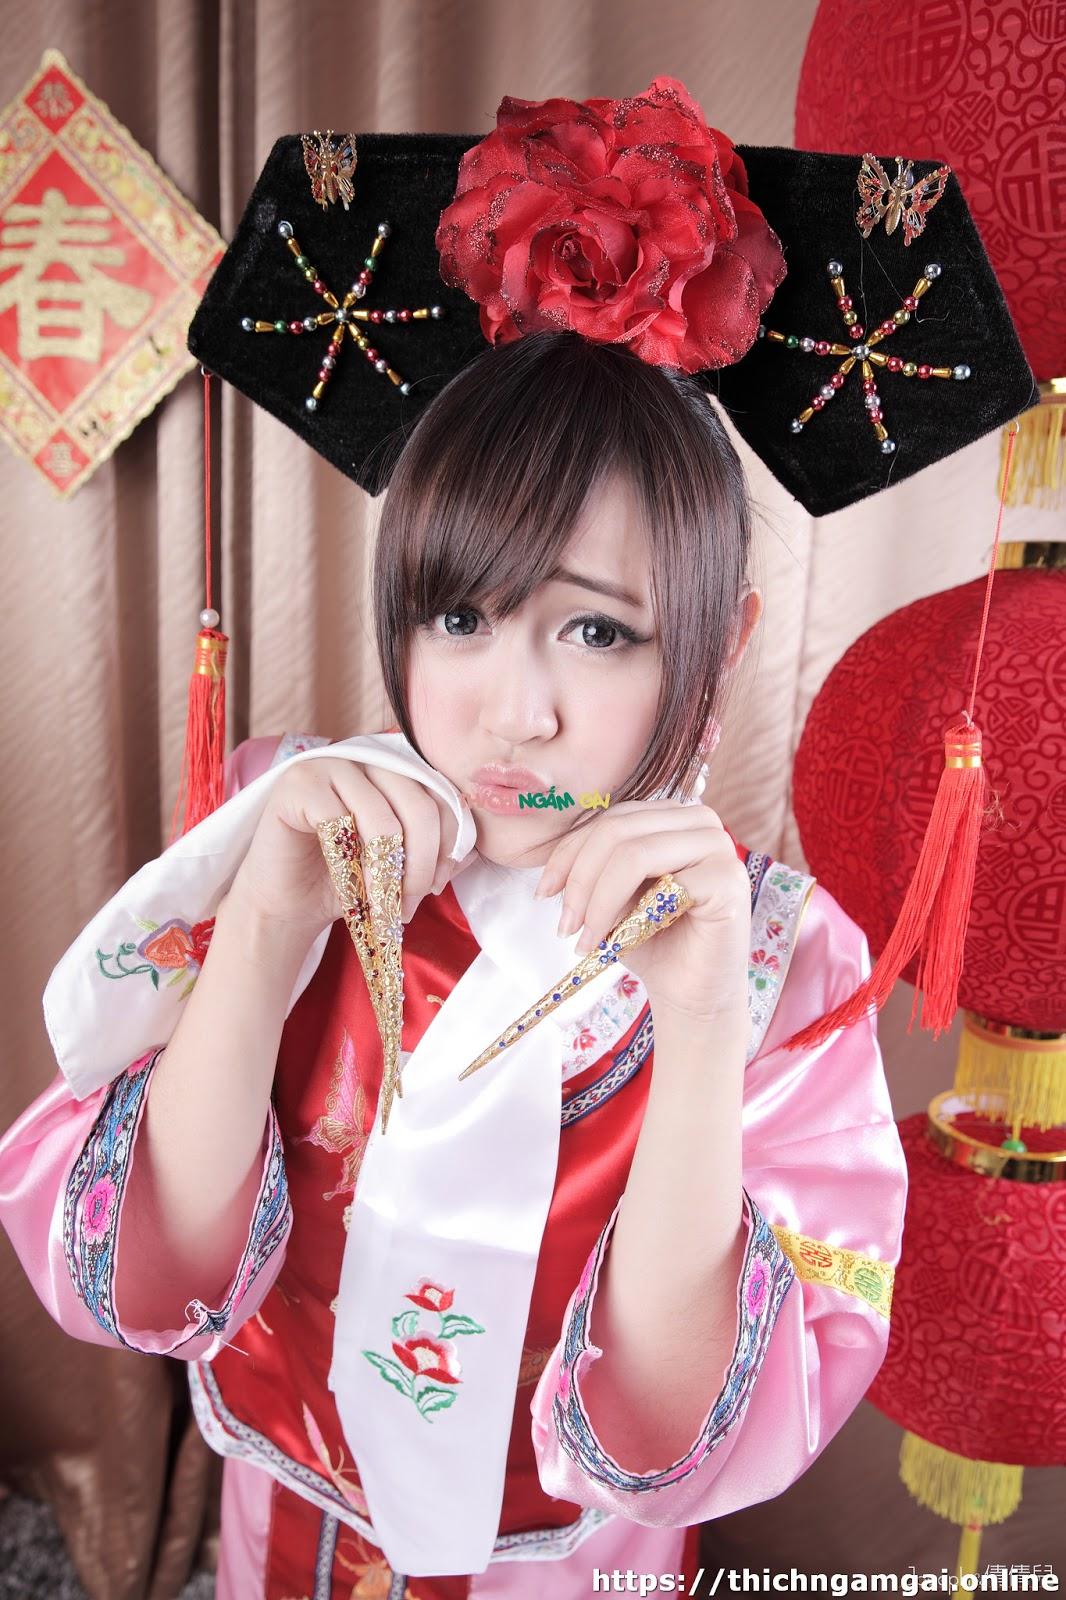 Thích Ngắm Gái 544.%2B_MG_1031%2B%2528Large%2B2048%2529 Tuyển Tập Girls Xinh Việt Nam (Phần 76)